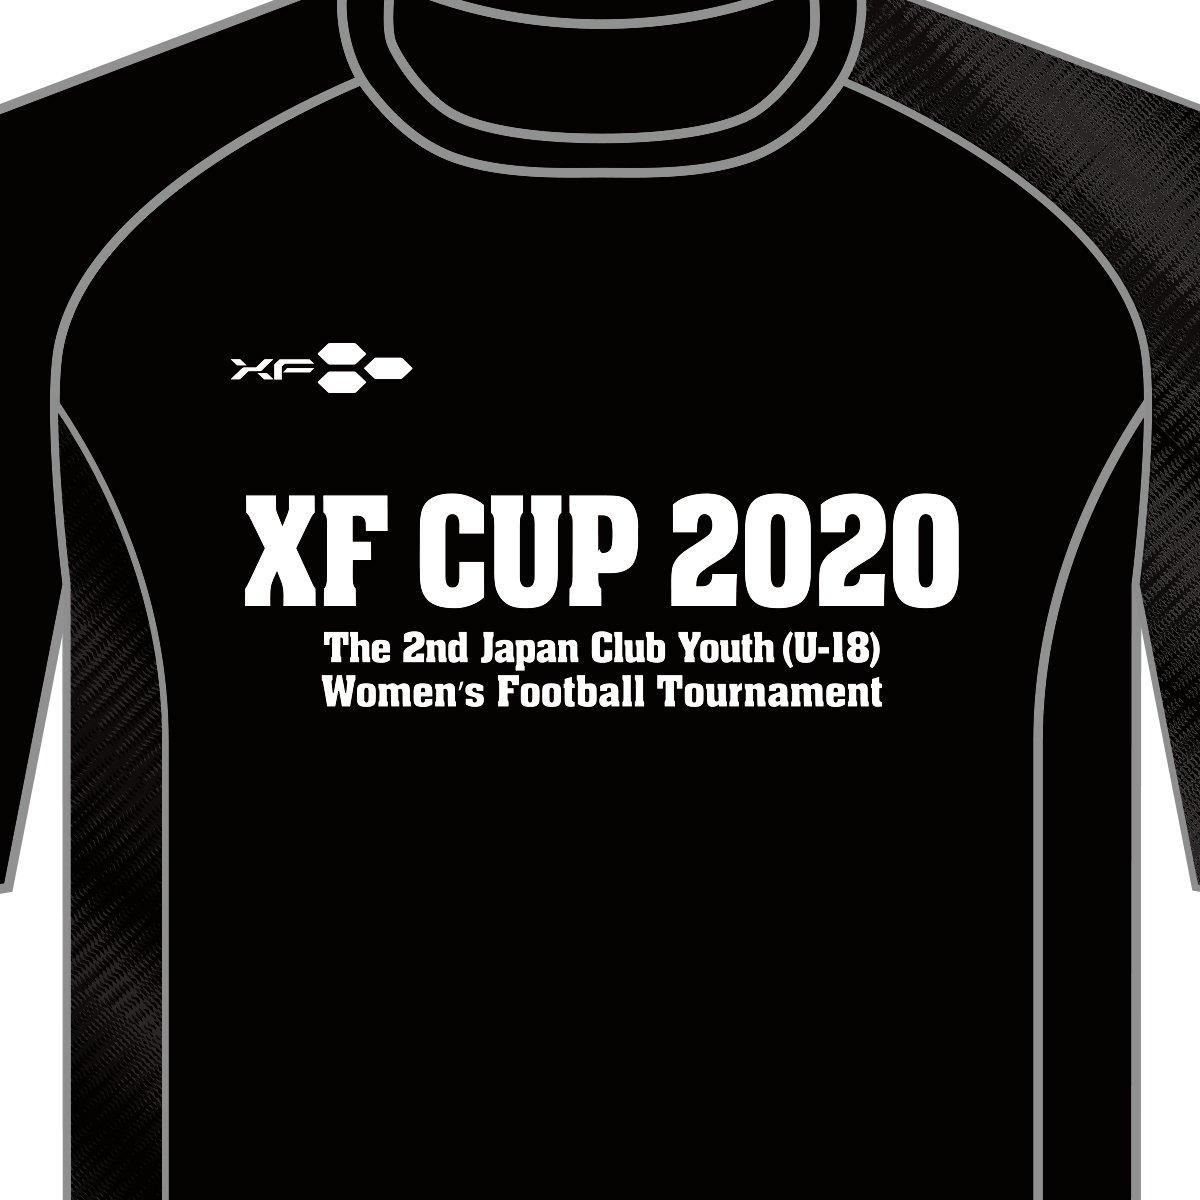 XF CUP 2020 第2回 日本クラブユース女子サッカー大会(U-18)オフィシャル記念Tシャツ ブラック